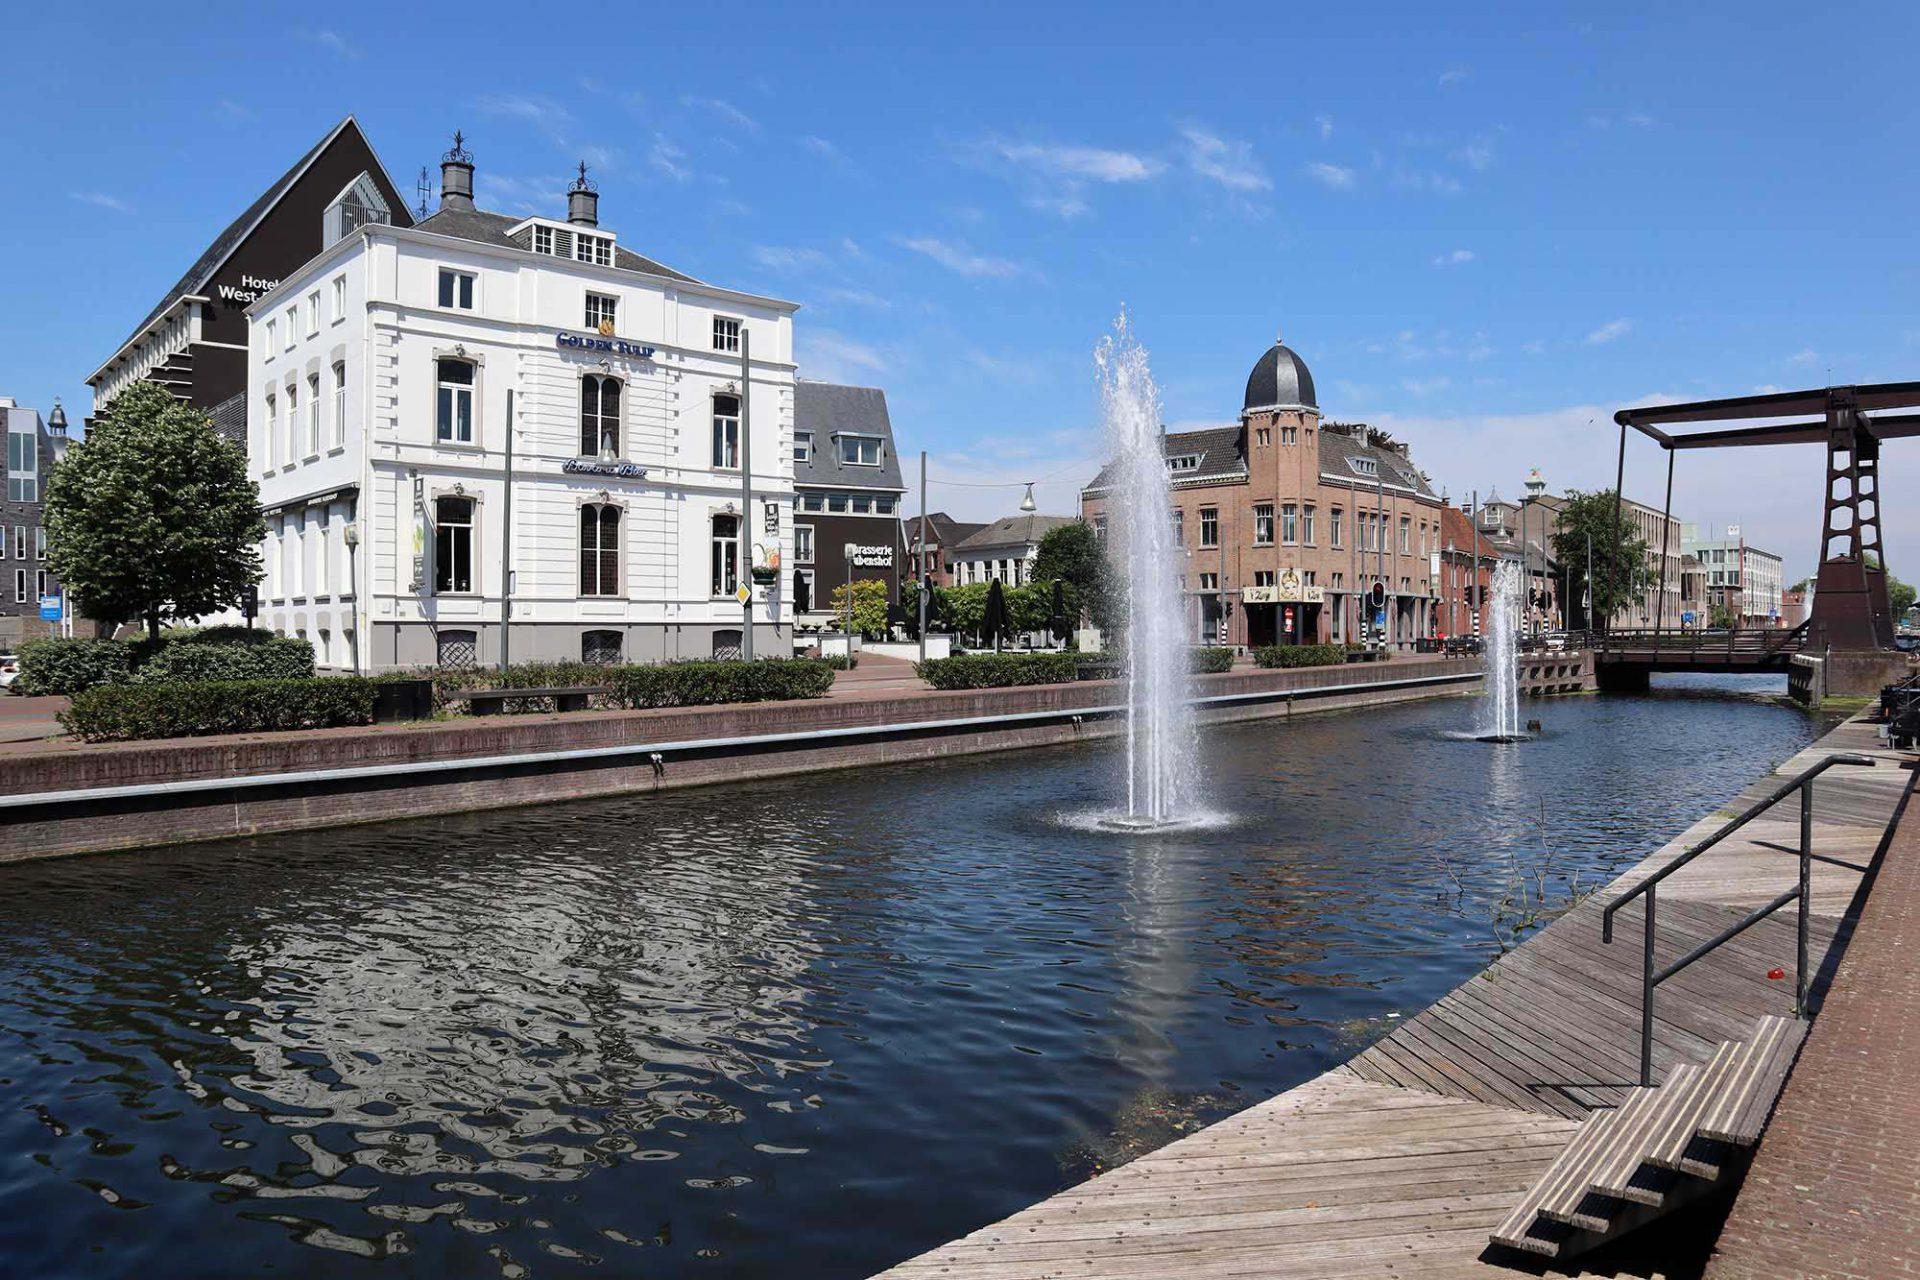 Zuid-Willemsvaart. Der Kanal wurde zwischen 1822 und 1826 errichtet. Er war während der Industrialisierung von besonderer Bedeutung. Heute ist der ehemalige Handelsweg ein beliebter Aufenthaltsort mit Kunstinstallationen und Baudenkmälern, wie beispielsweise das weiße Golden Tulip West-Ende in einer ehemaligen Fabrikantenvilla.